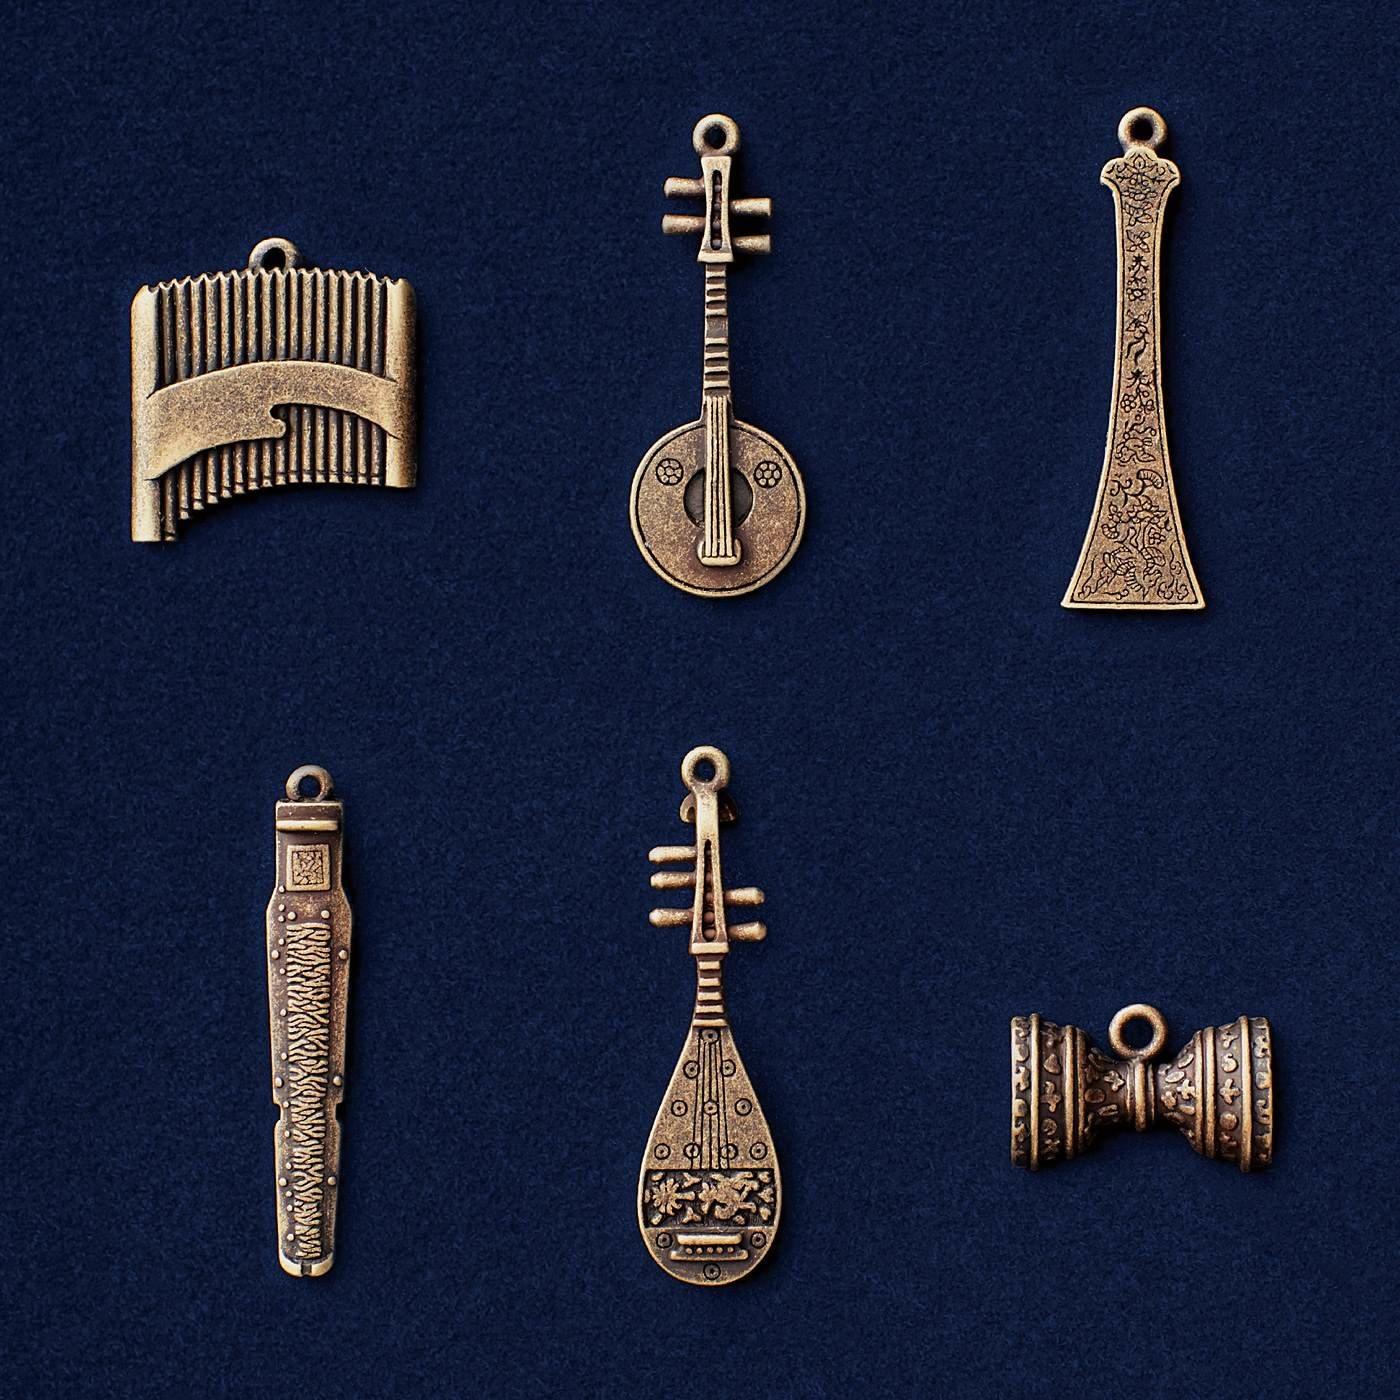 模造 正倉院楽器 アクセサリーチャームコレクションの会